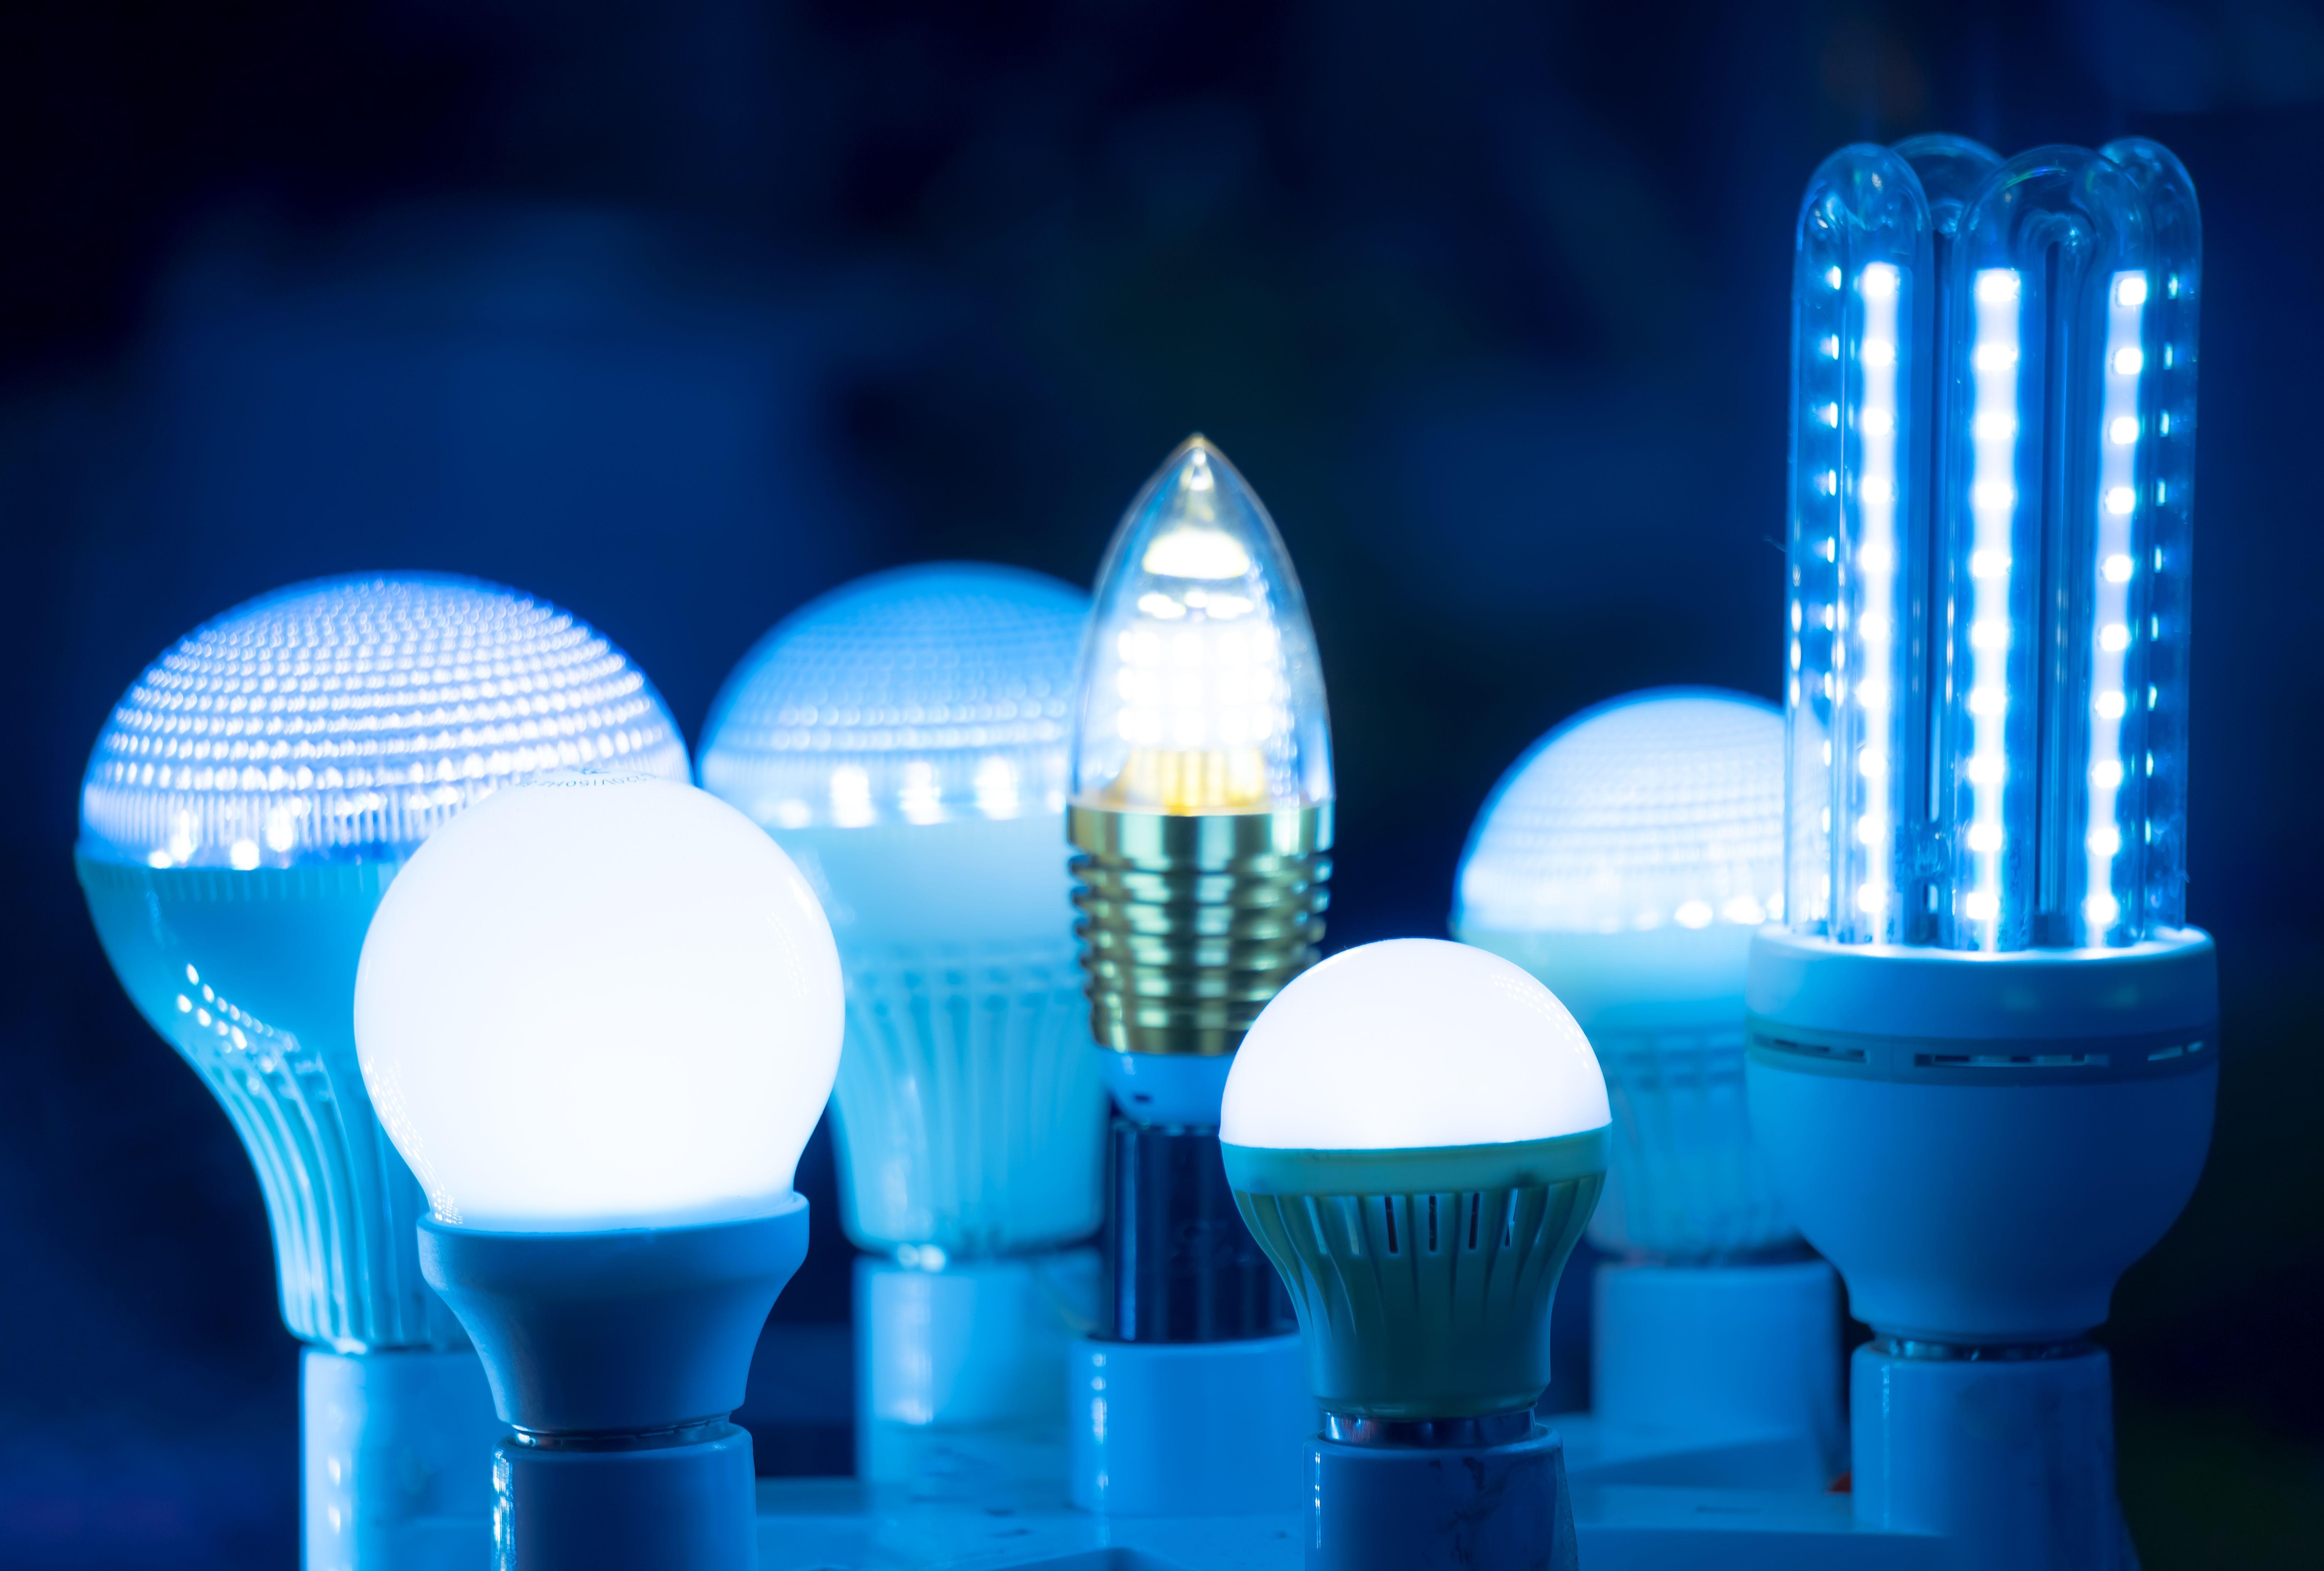 Los mejores productos de iluminación LED en San Sebastián de los Reyes